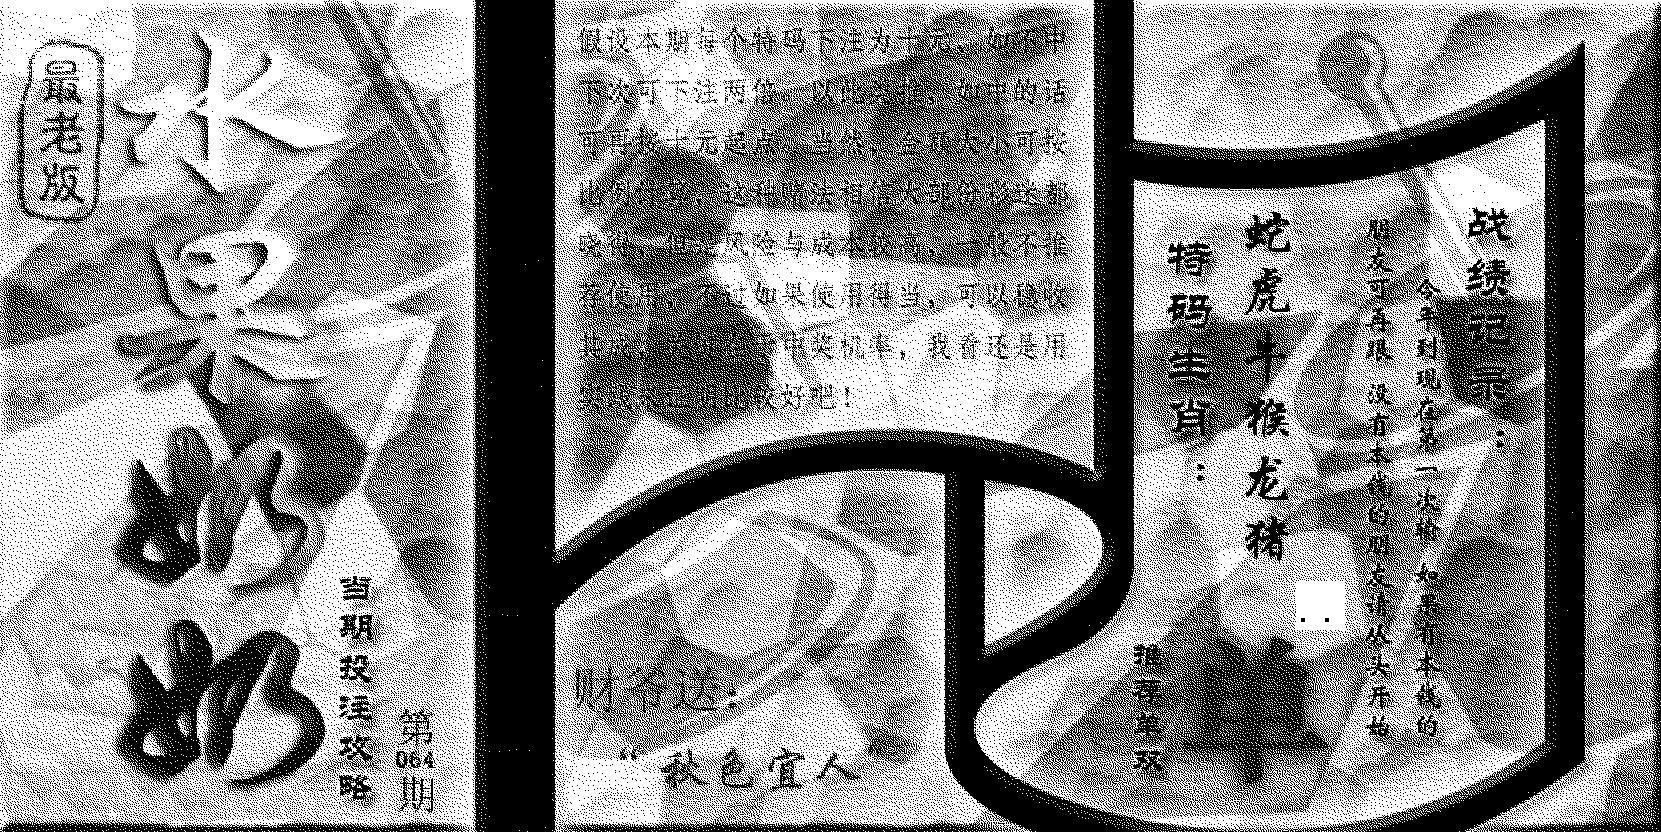 064期(九龙单双攻略)老版(黑白)